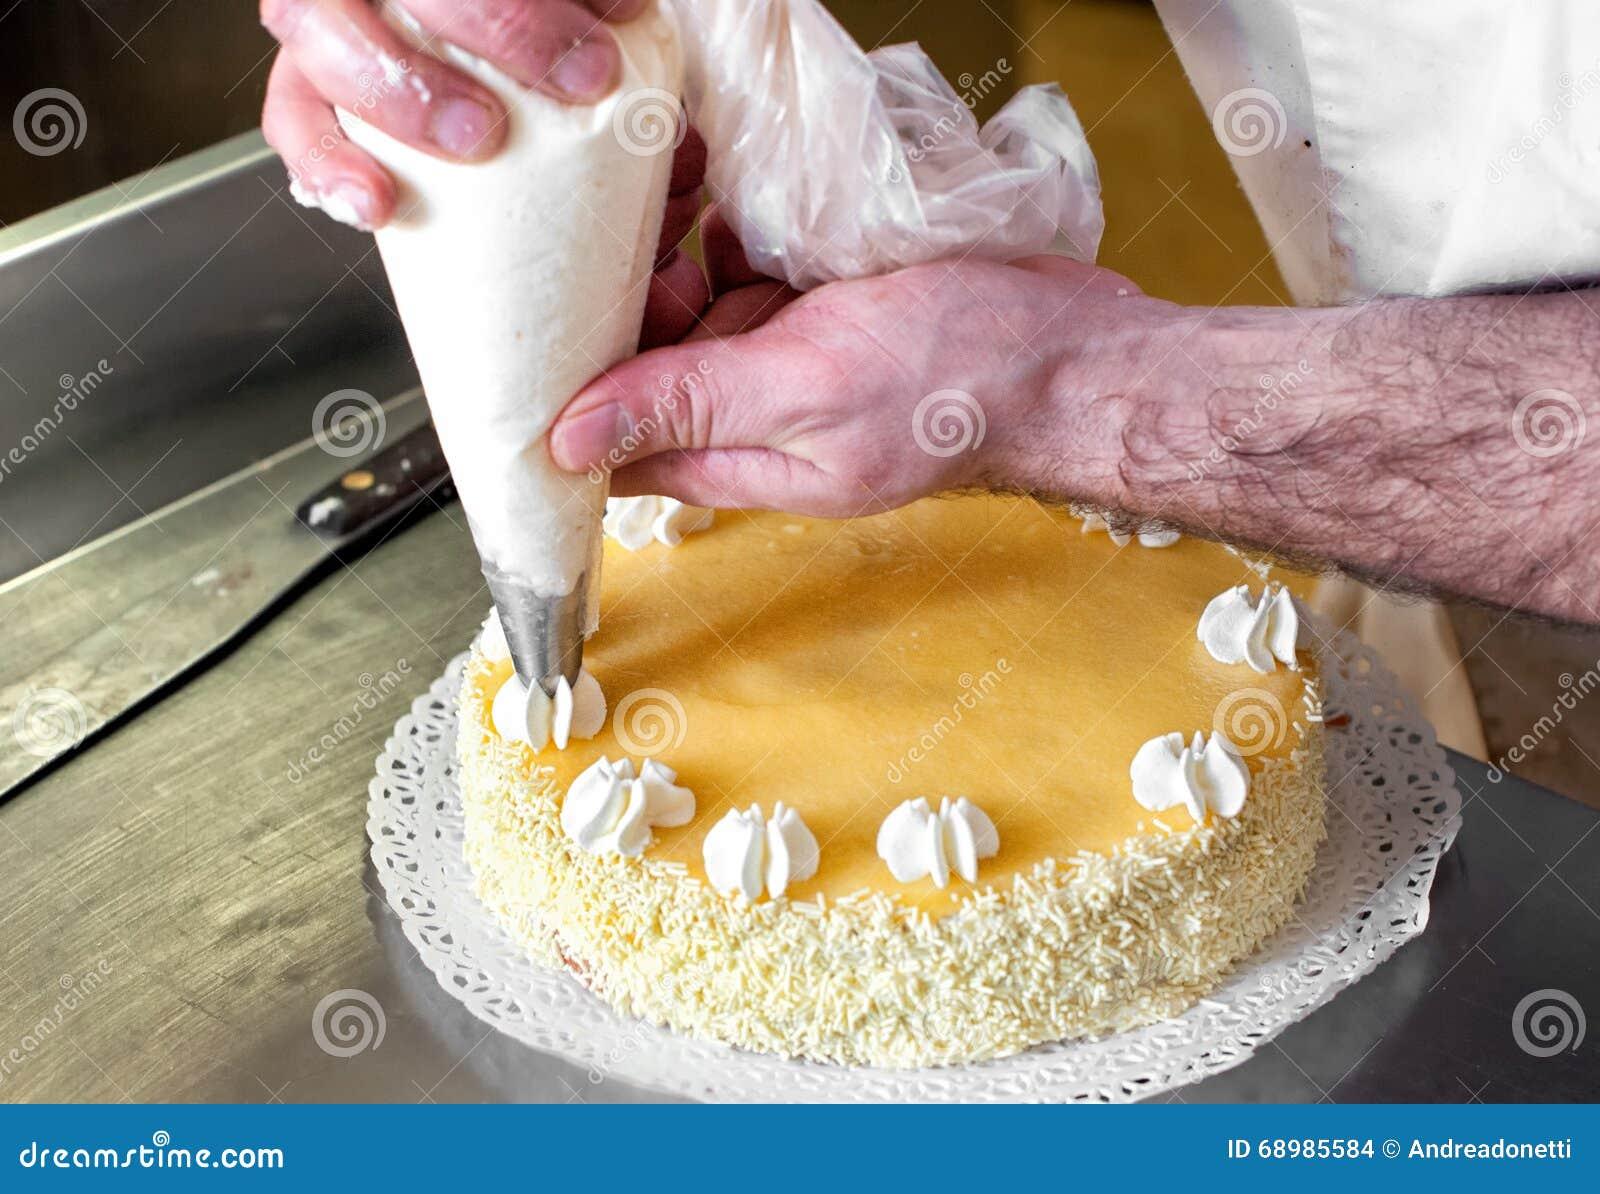 Decoraciones poner crema aflautadas del panadero en una torta